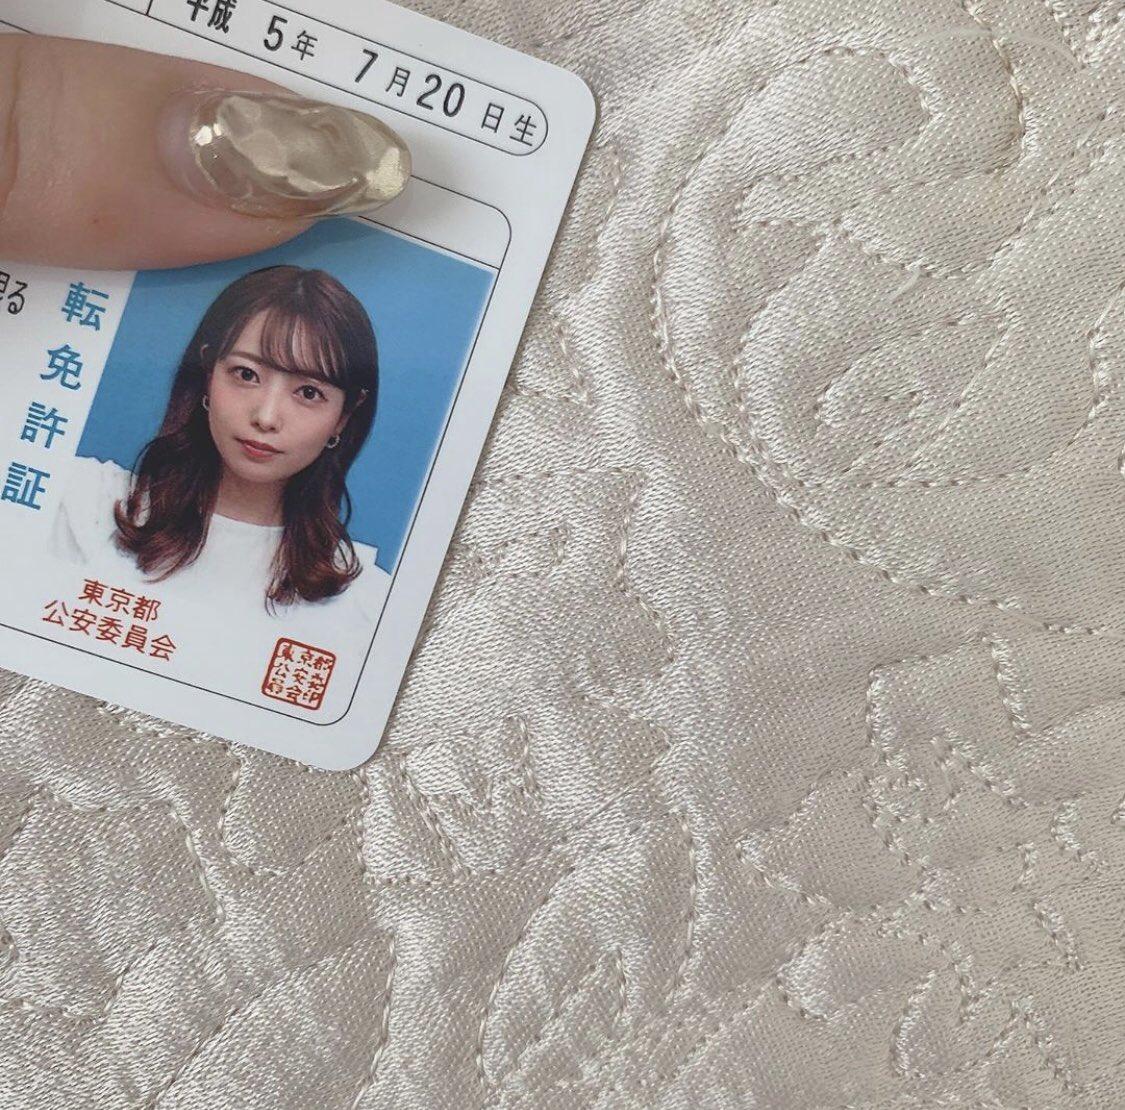 斉藤優里 運転免許証 写真